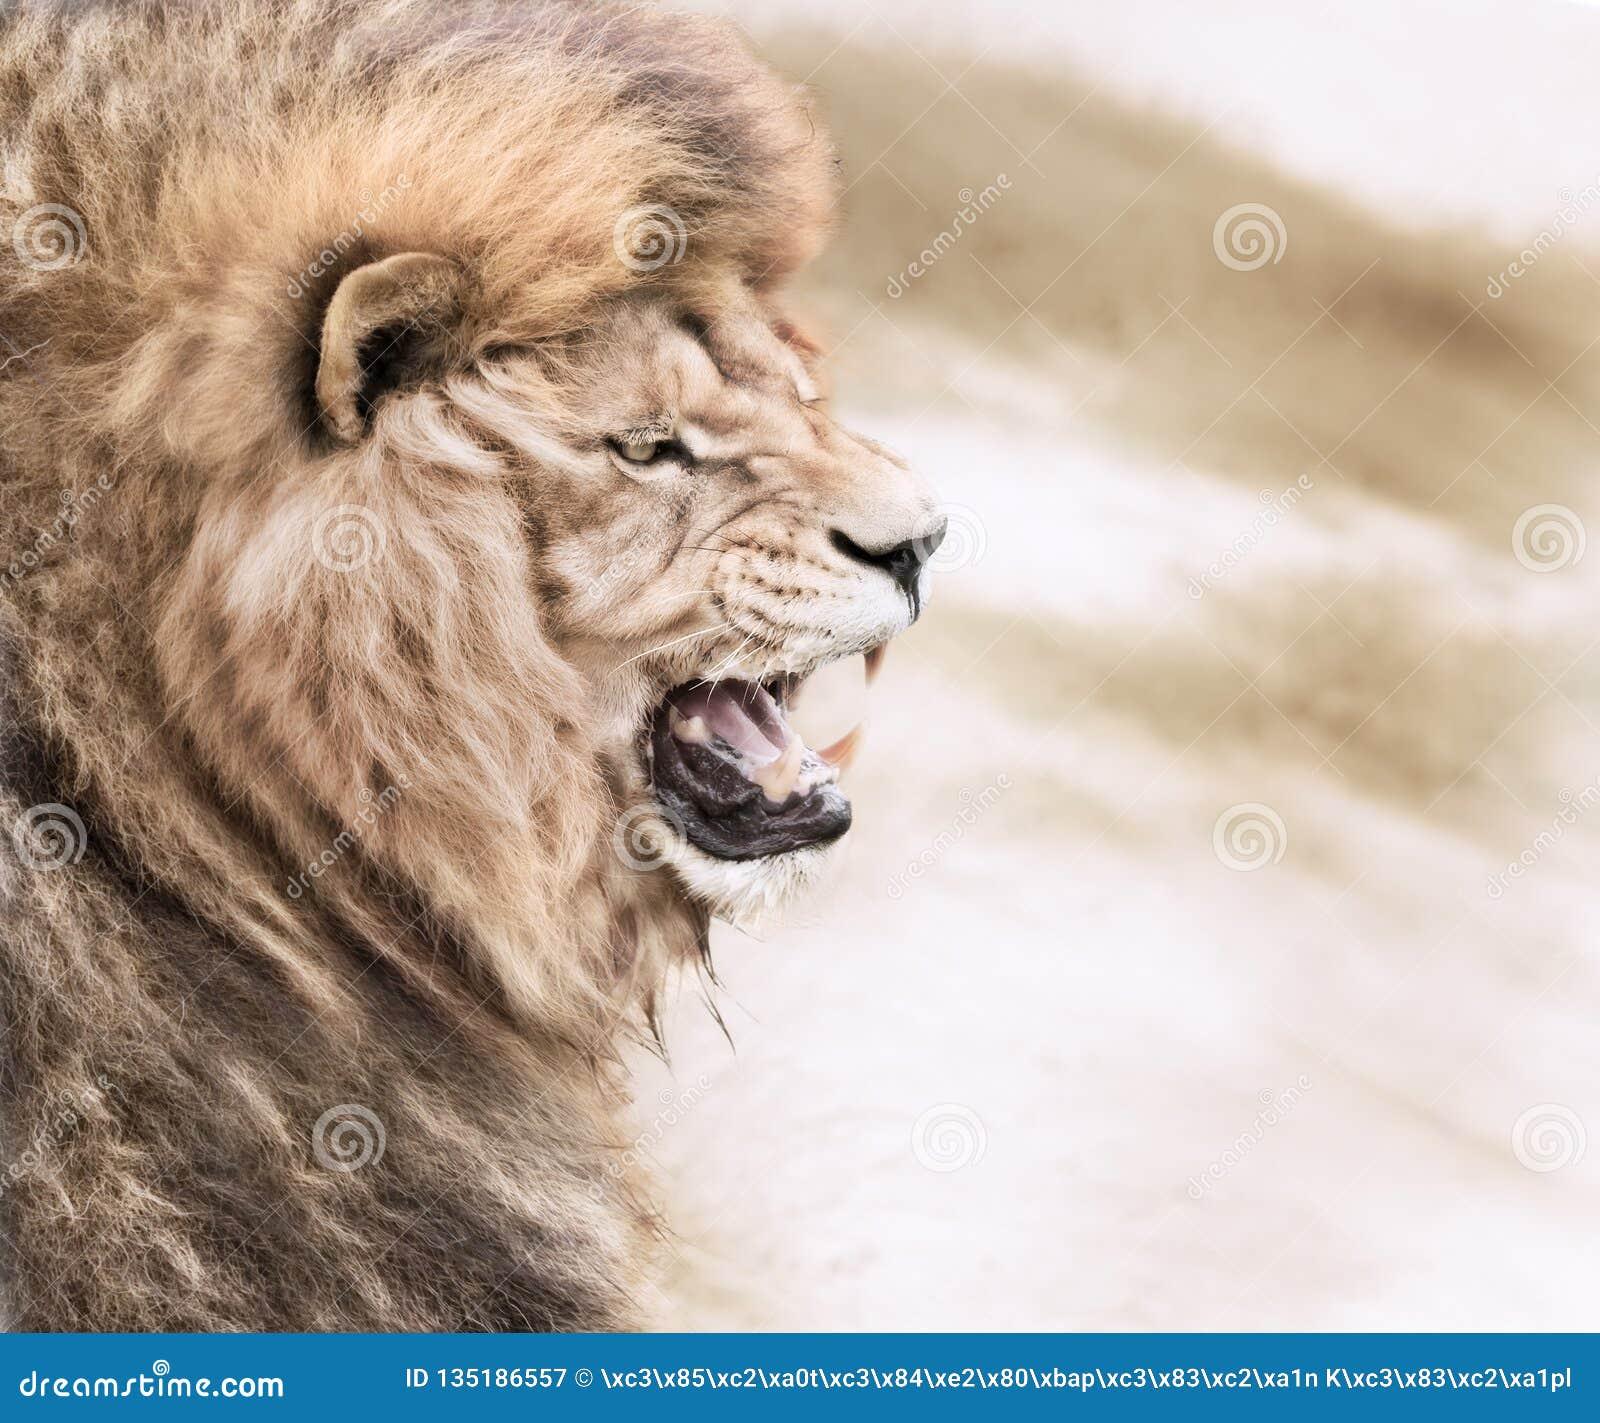 Furious lion stock image  Image of lion, dangerous, fierce